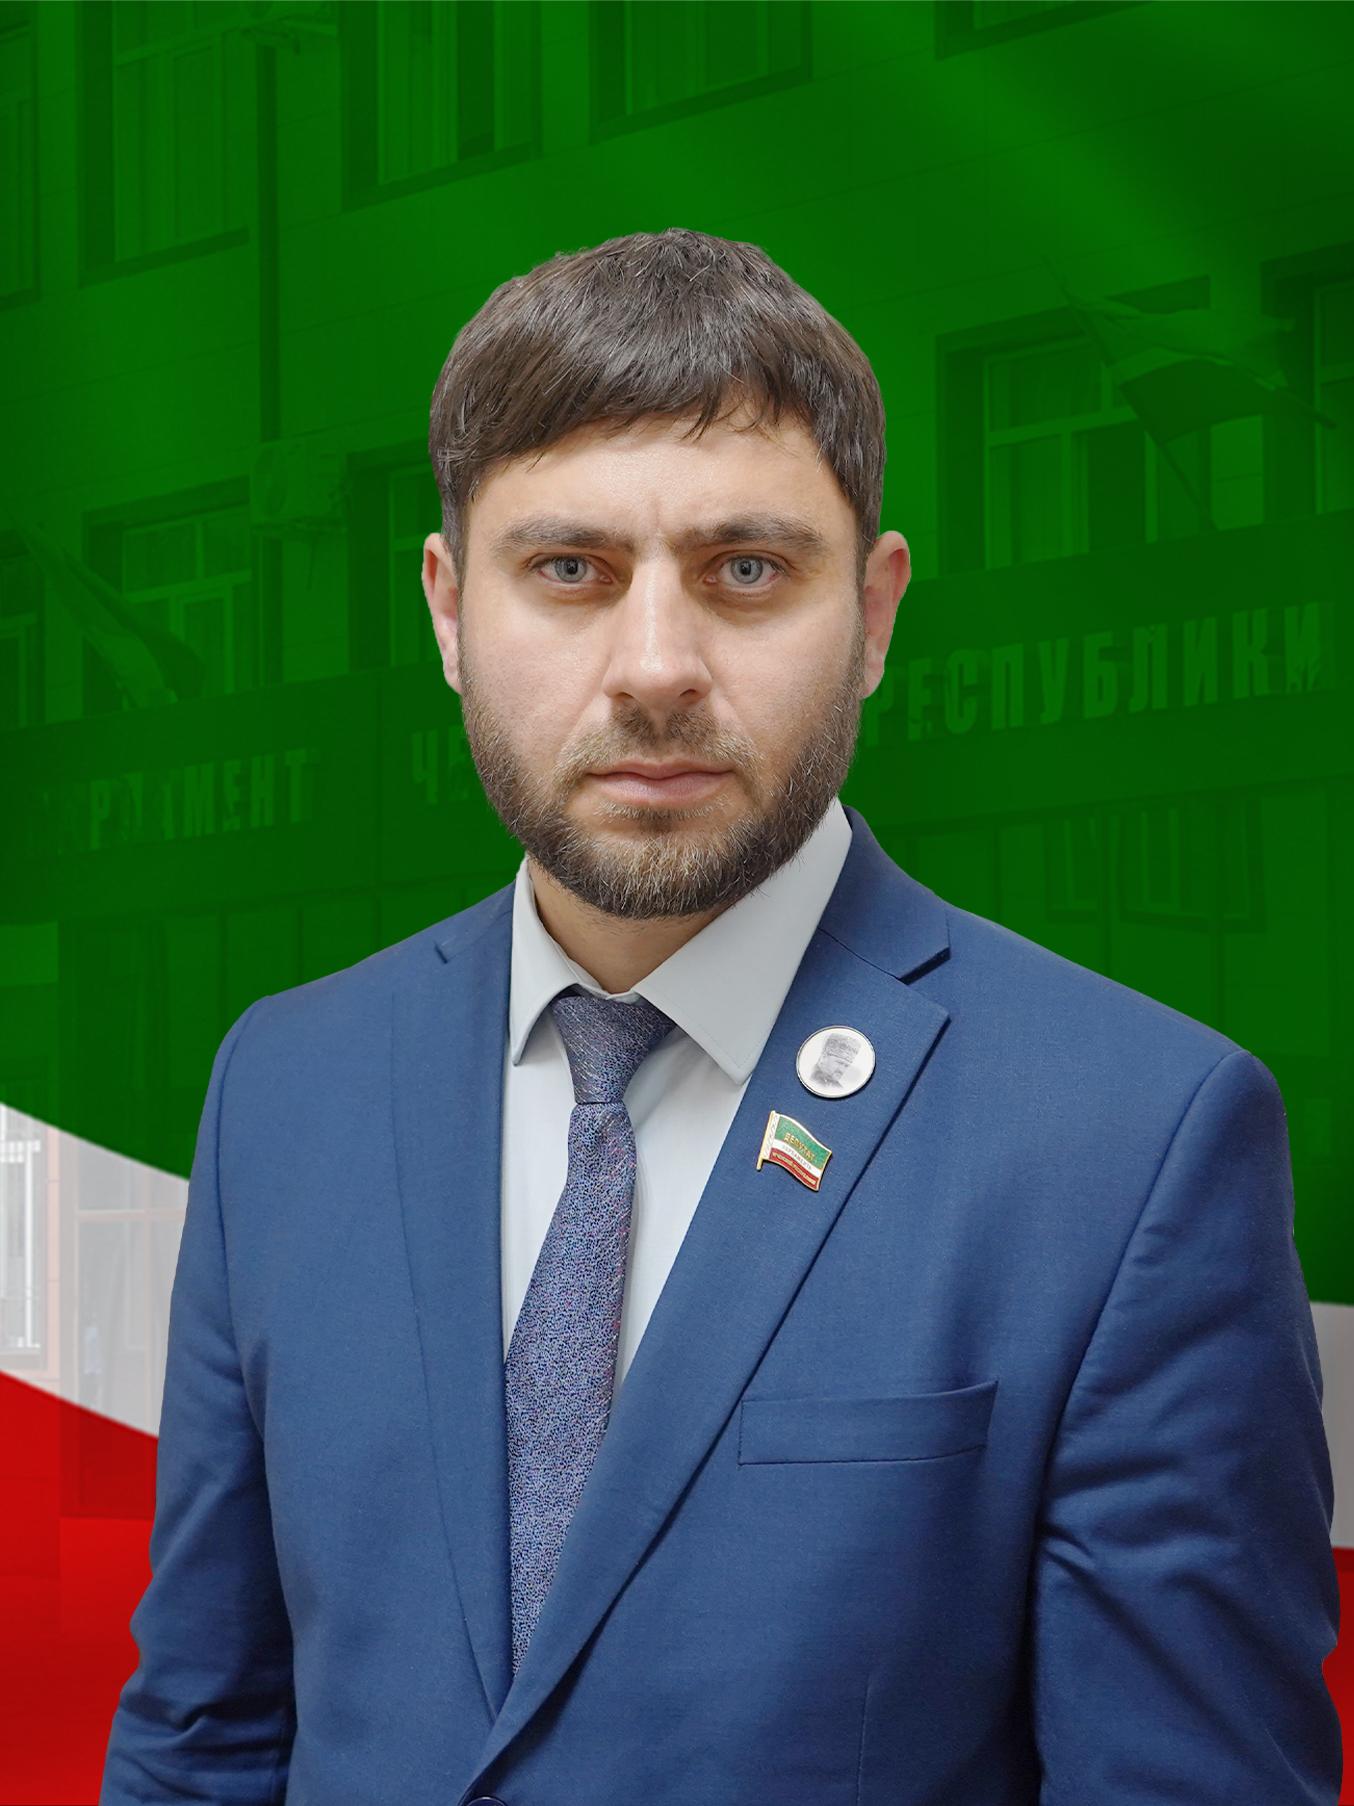 Хаджиев Артур Зелимханович